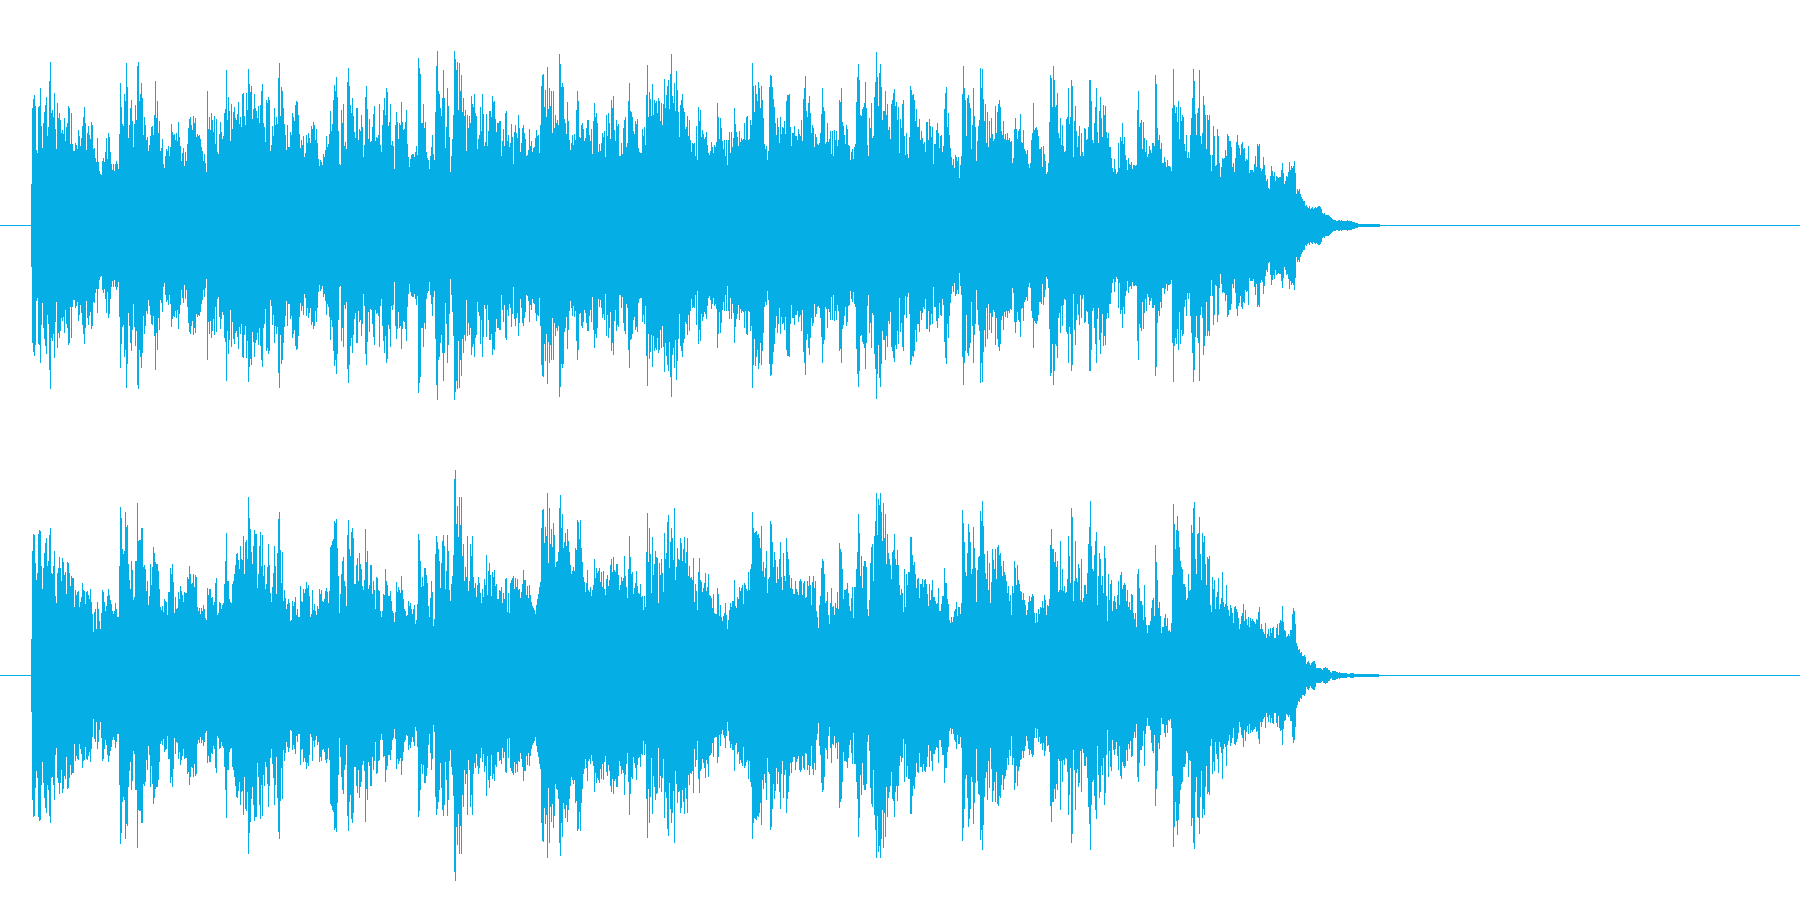 ブライダル風バラード(サビ)の再生済みの波形